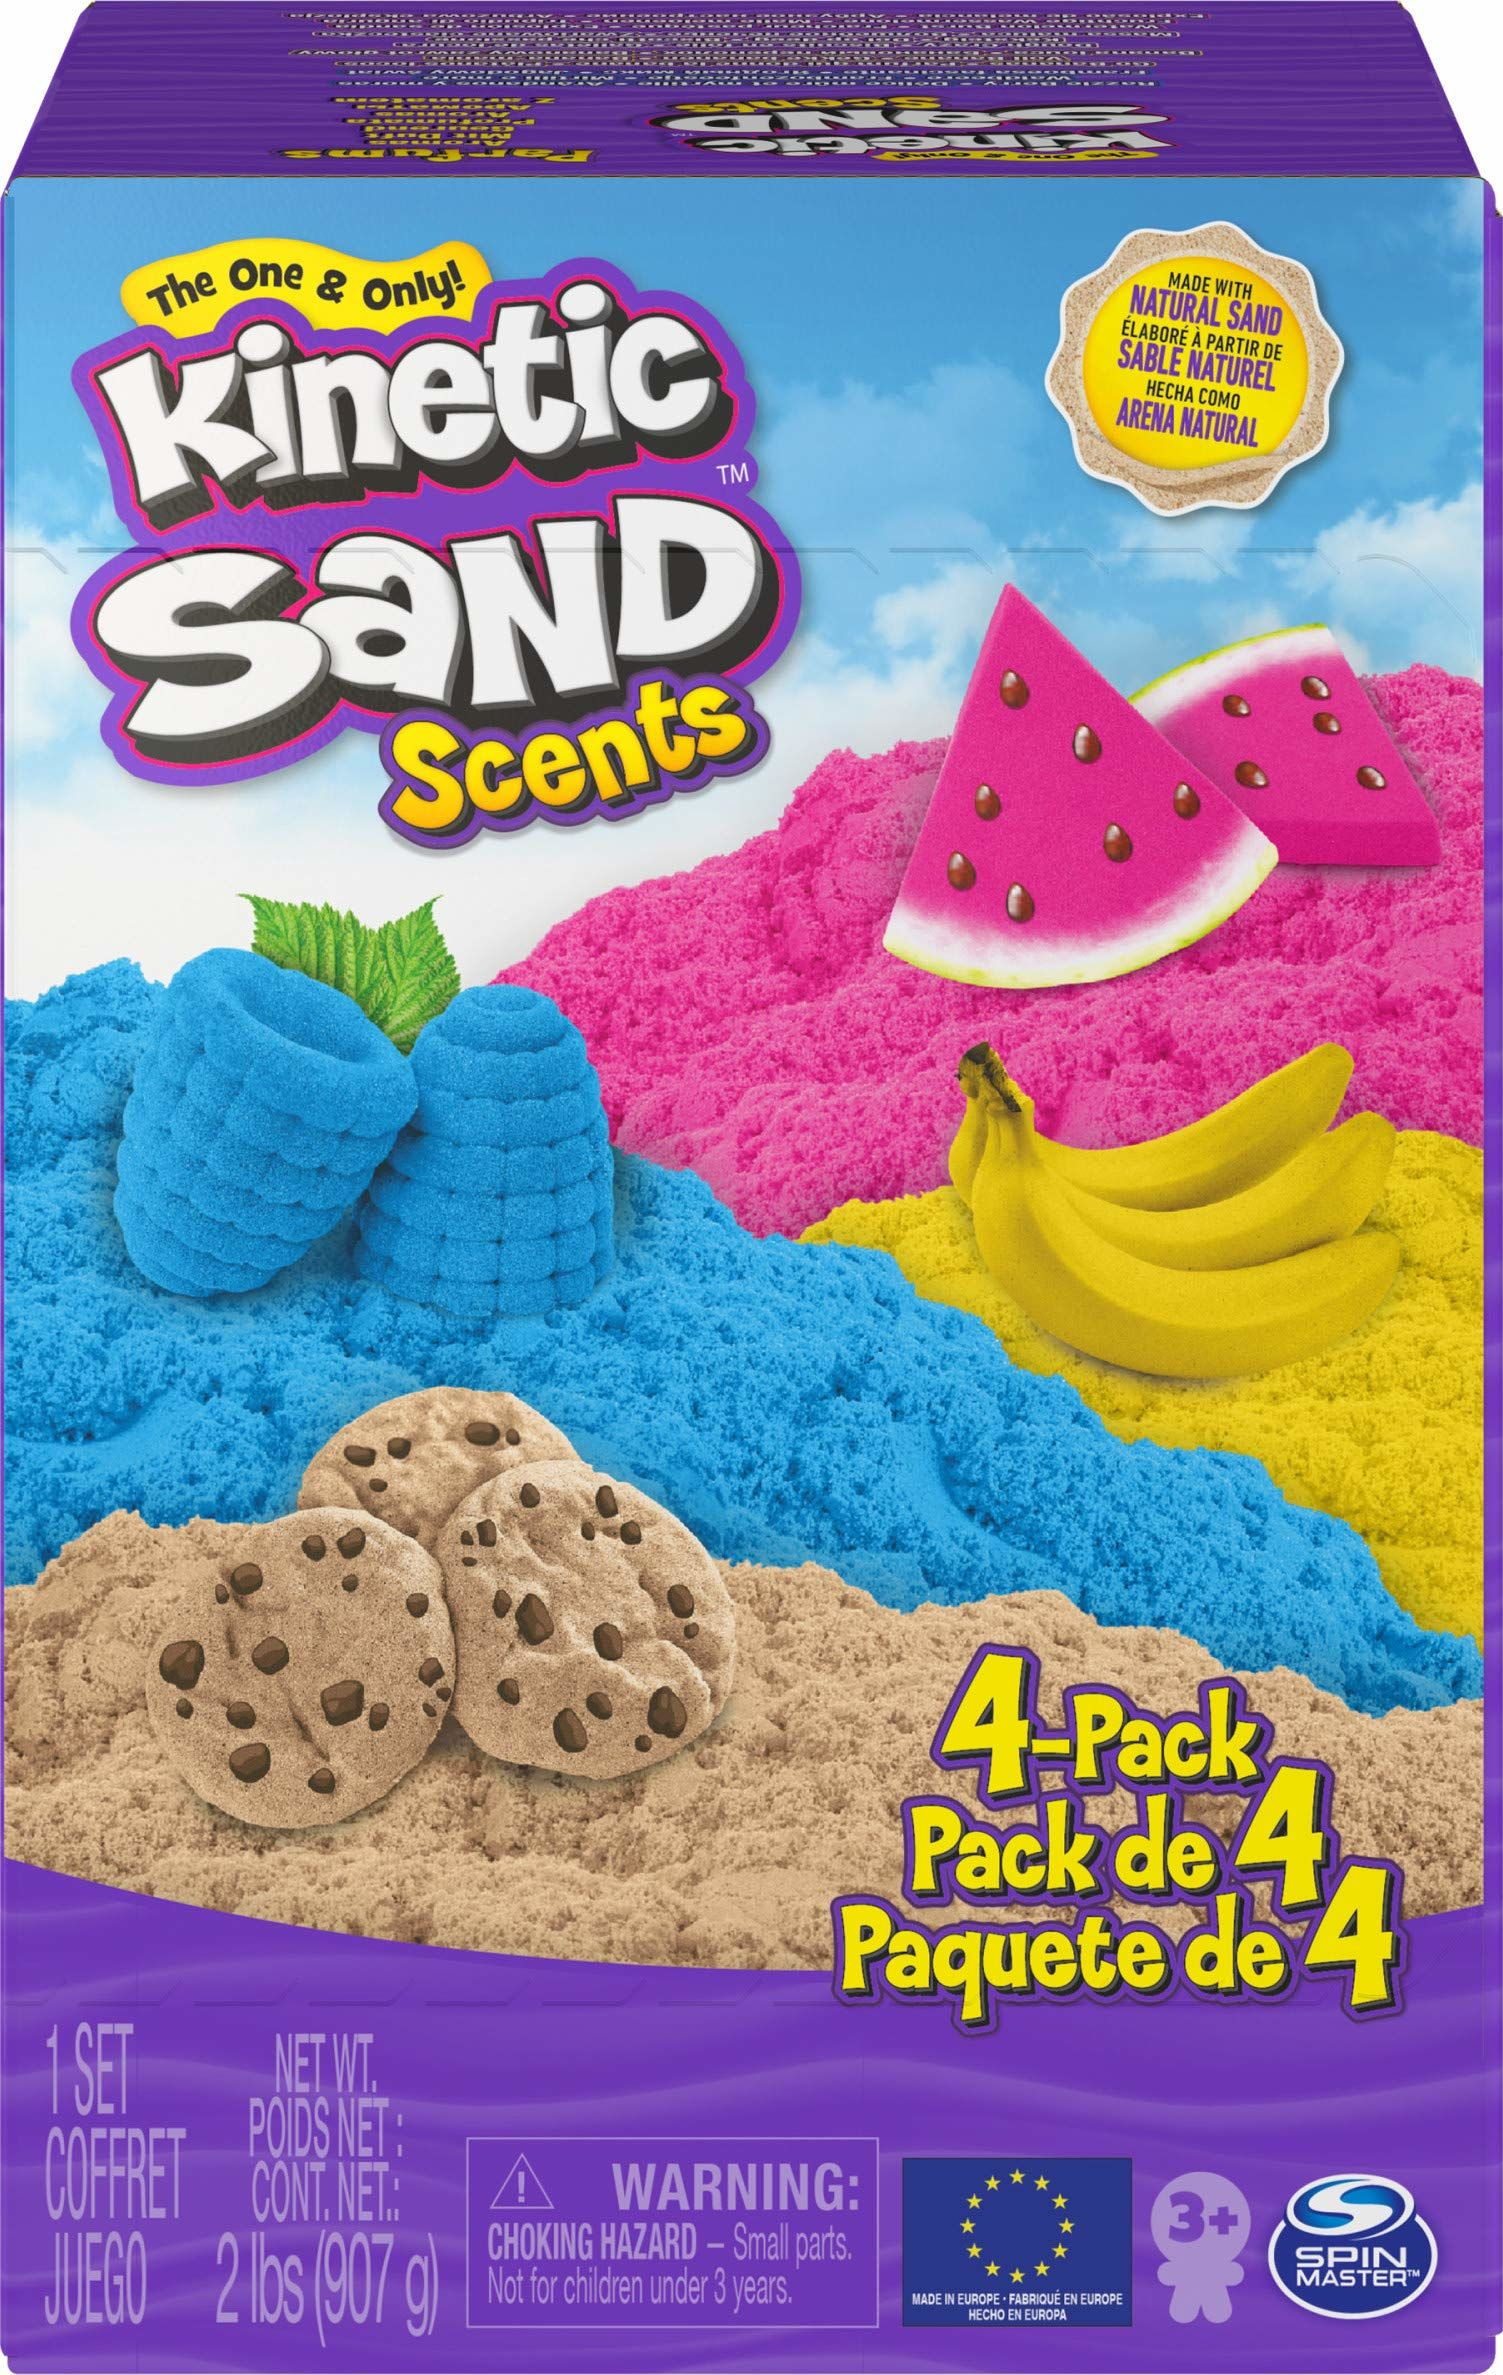 Kinetic Sand 6060010 - Smakowite Zapachy, Piasek Kinetyczny O Zapachu Ciasteczkowym, Bananowym, Arbuzowym I Jagodowym, 4-Pak